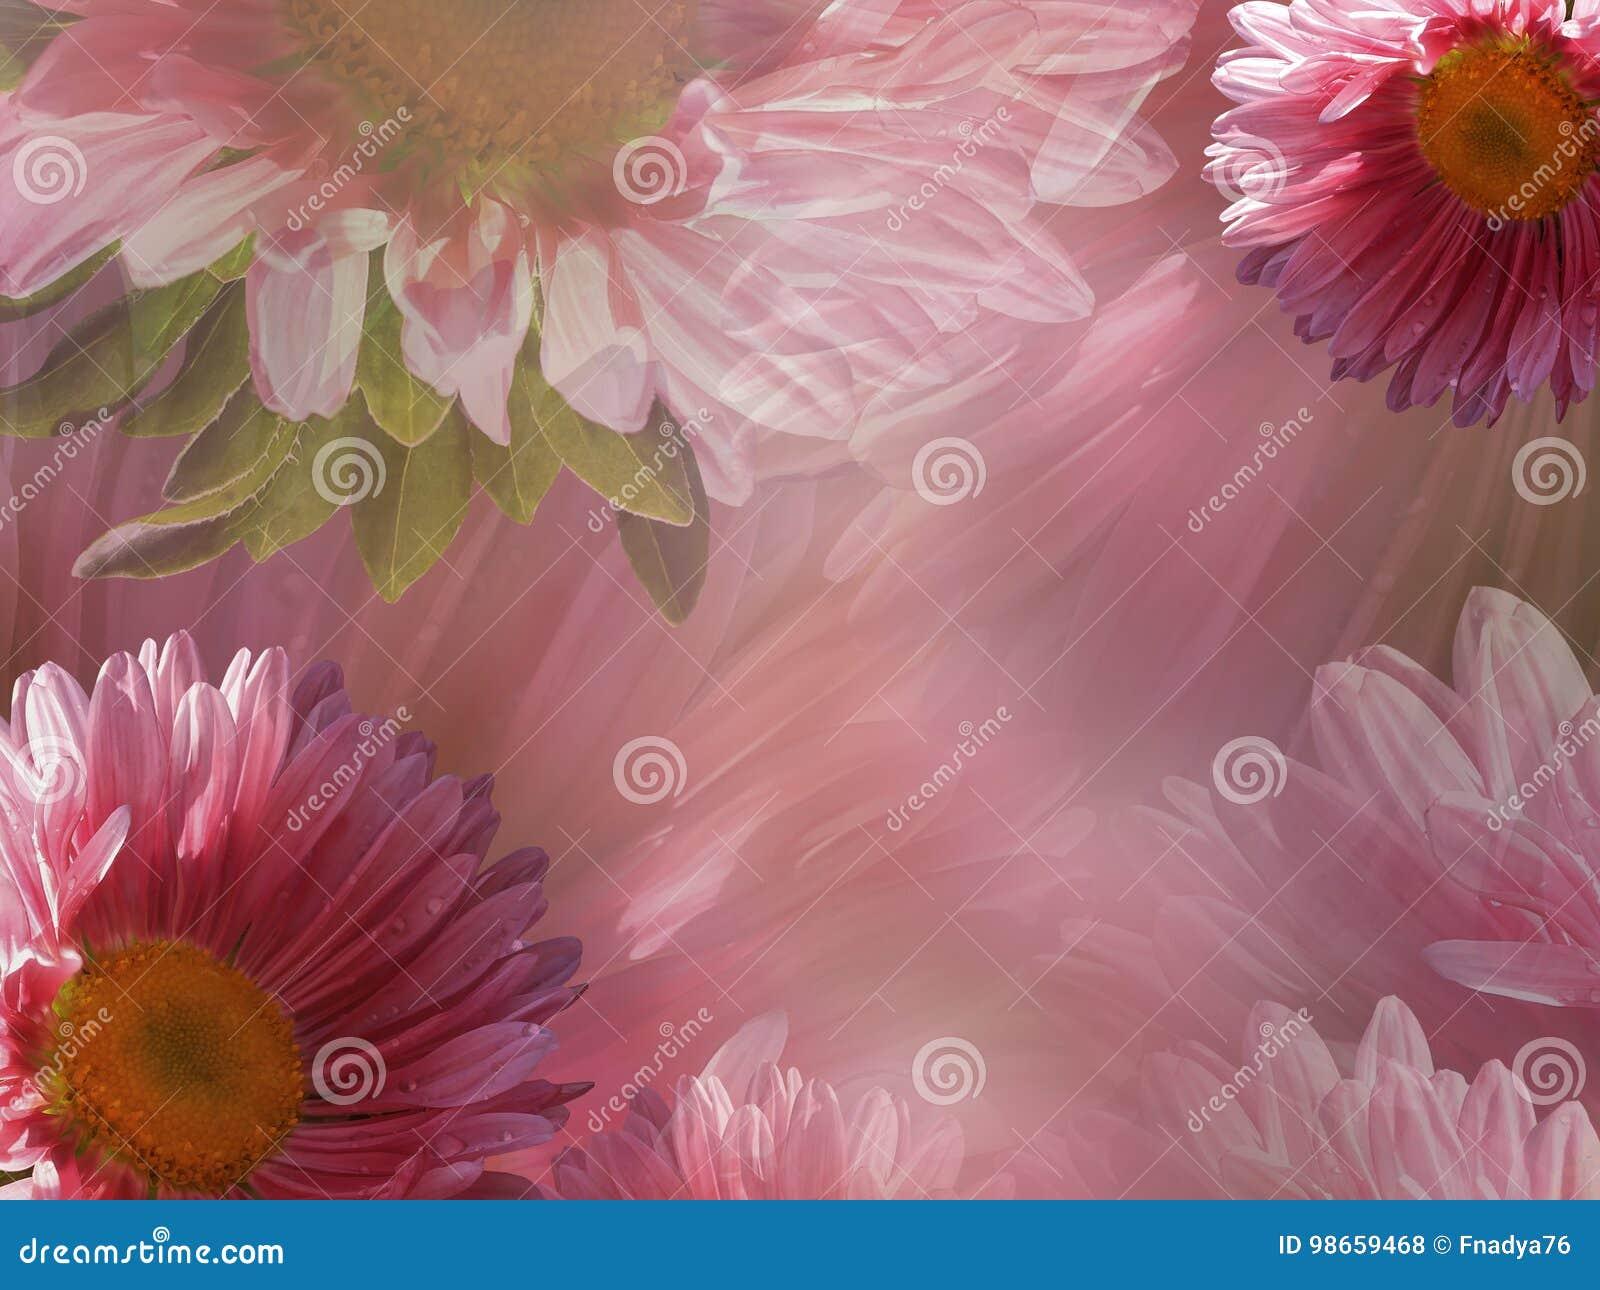 Carta Da Parati Rosa Bianca : Bello fondo bianco rosa floreale della margherita carte da parati